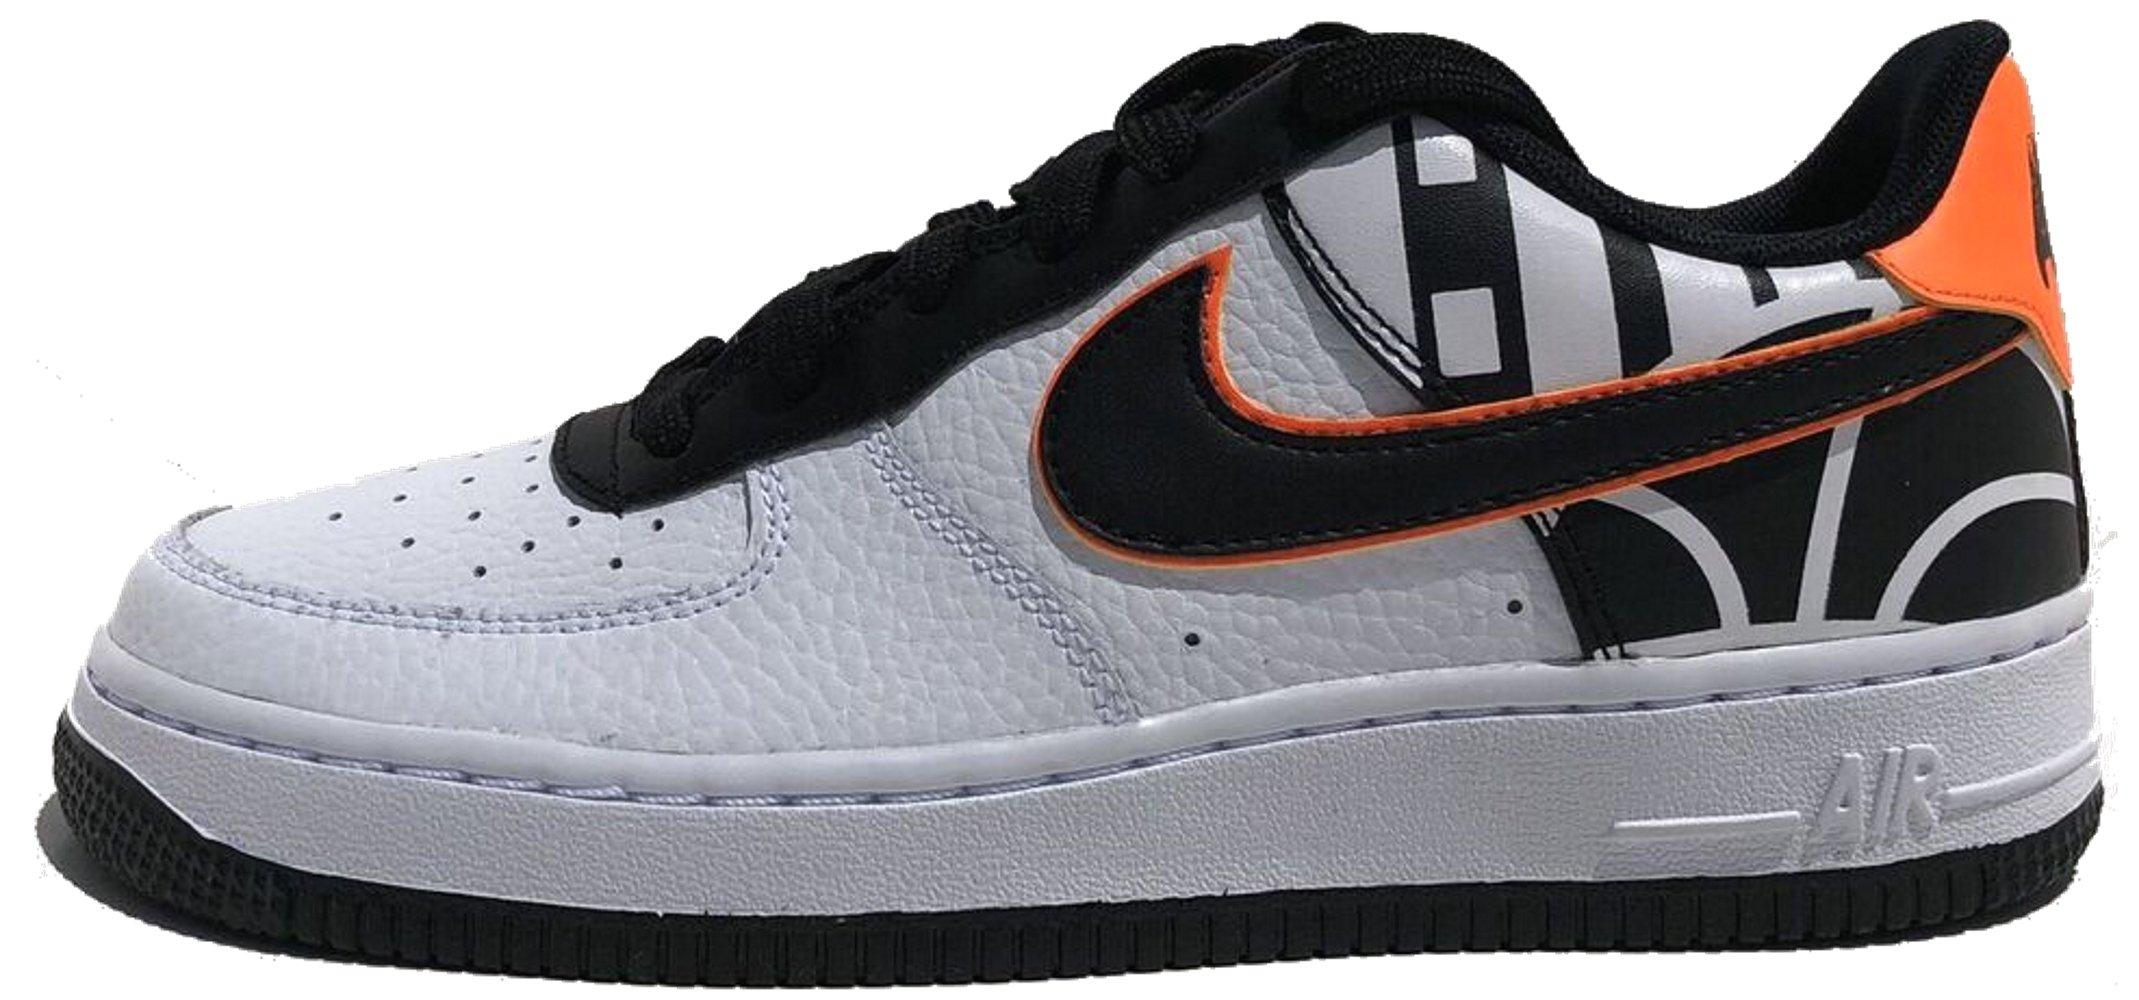 Nike Air Force 1 LV8 (Kids) (5.5 M US Big Kid, White/Black)